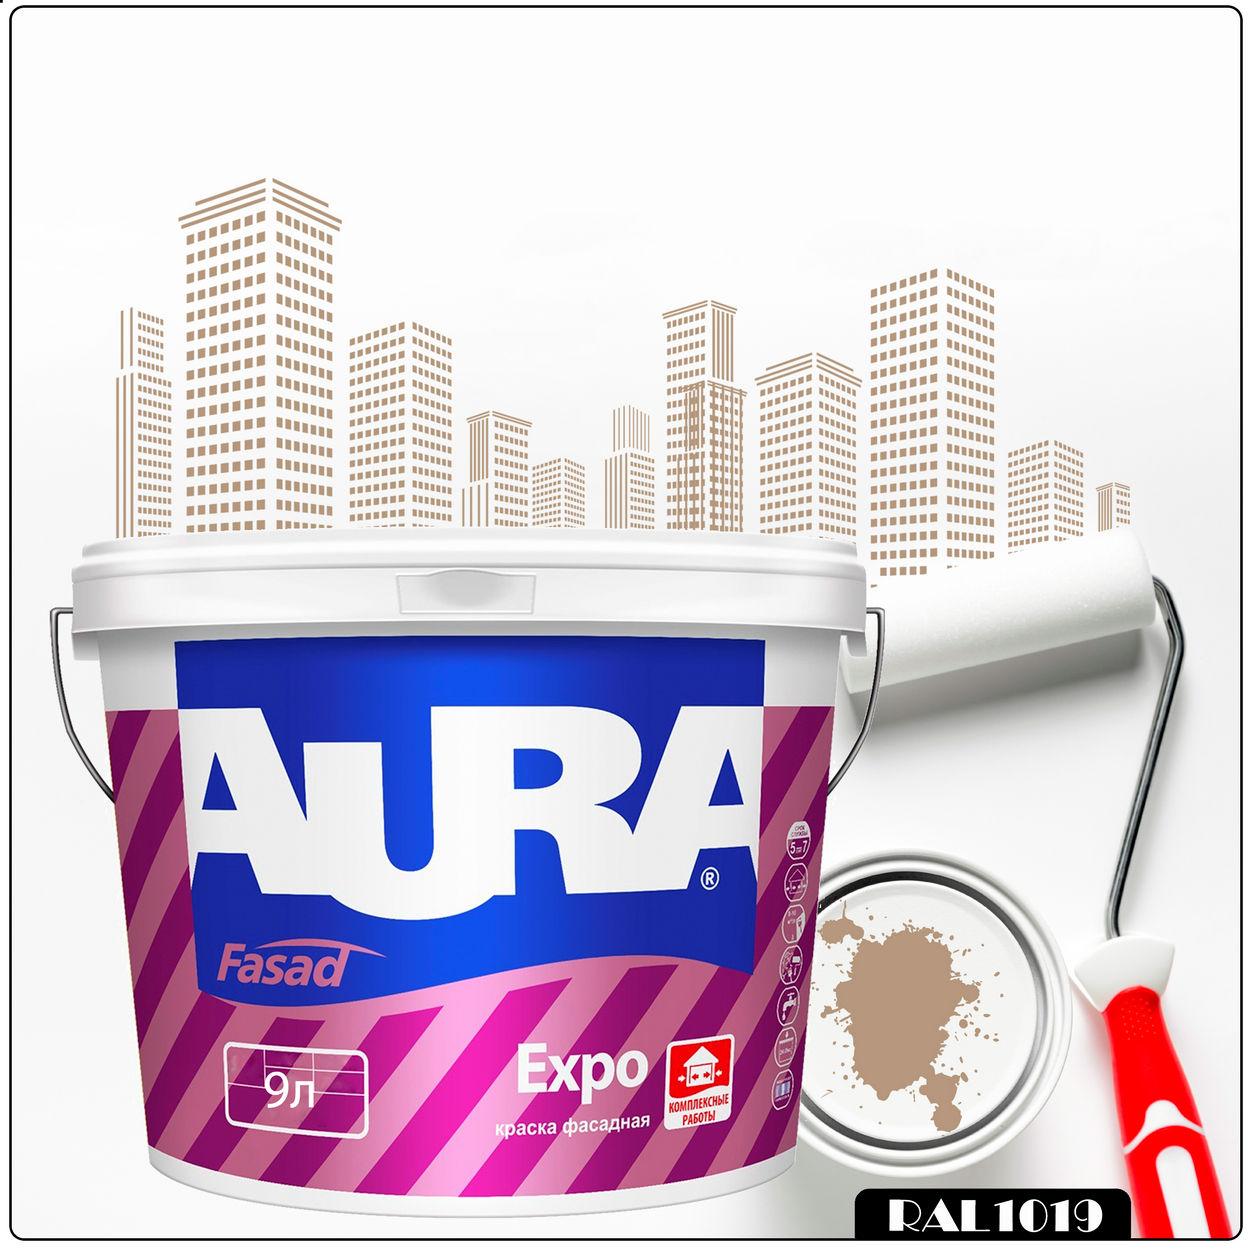 Фото 17 - Краска Aura Fasad Expo, RAL 1019 Серо-бежевый, матовая, для фасадов и помещений с повышенной влажностью, 9л.